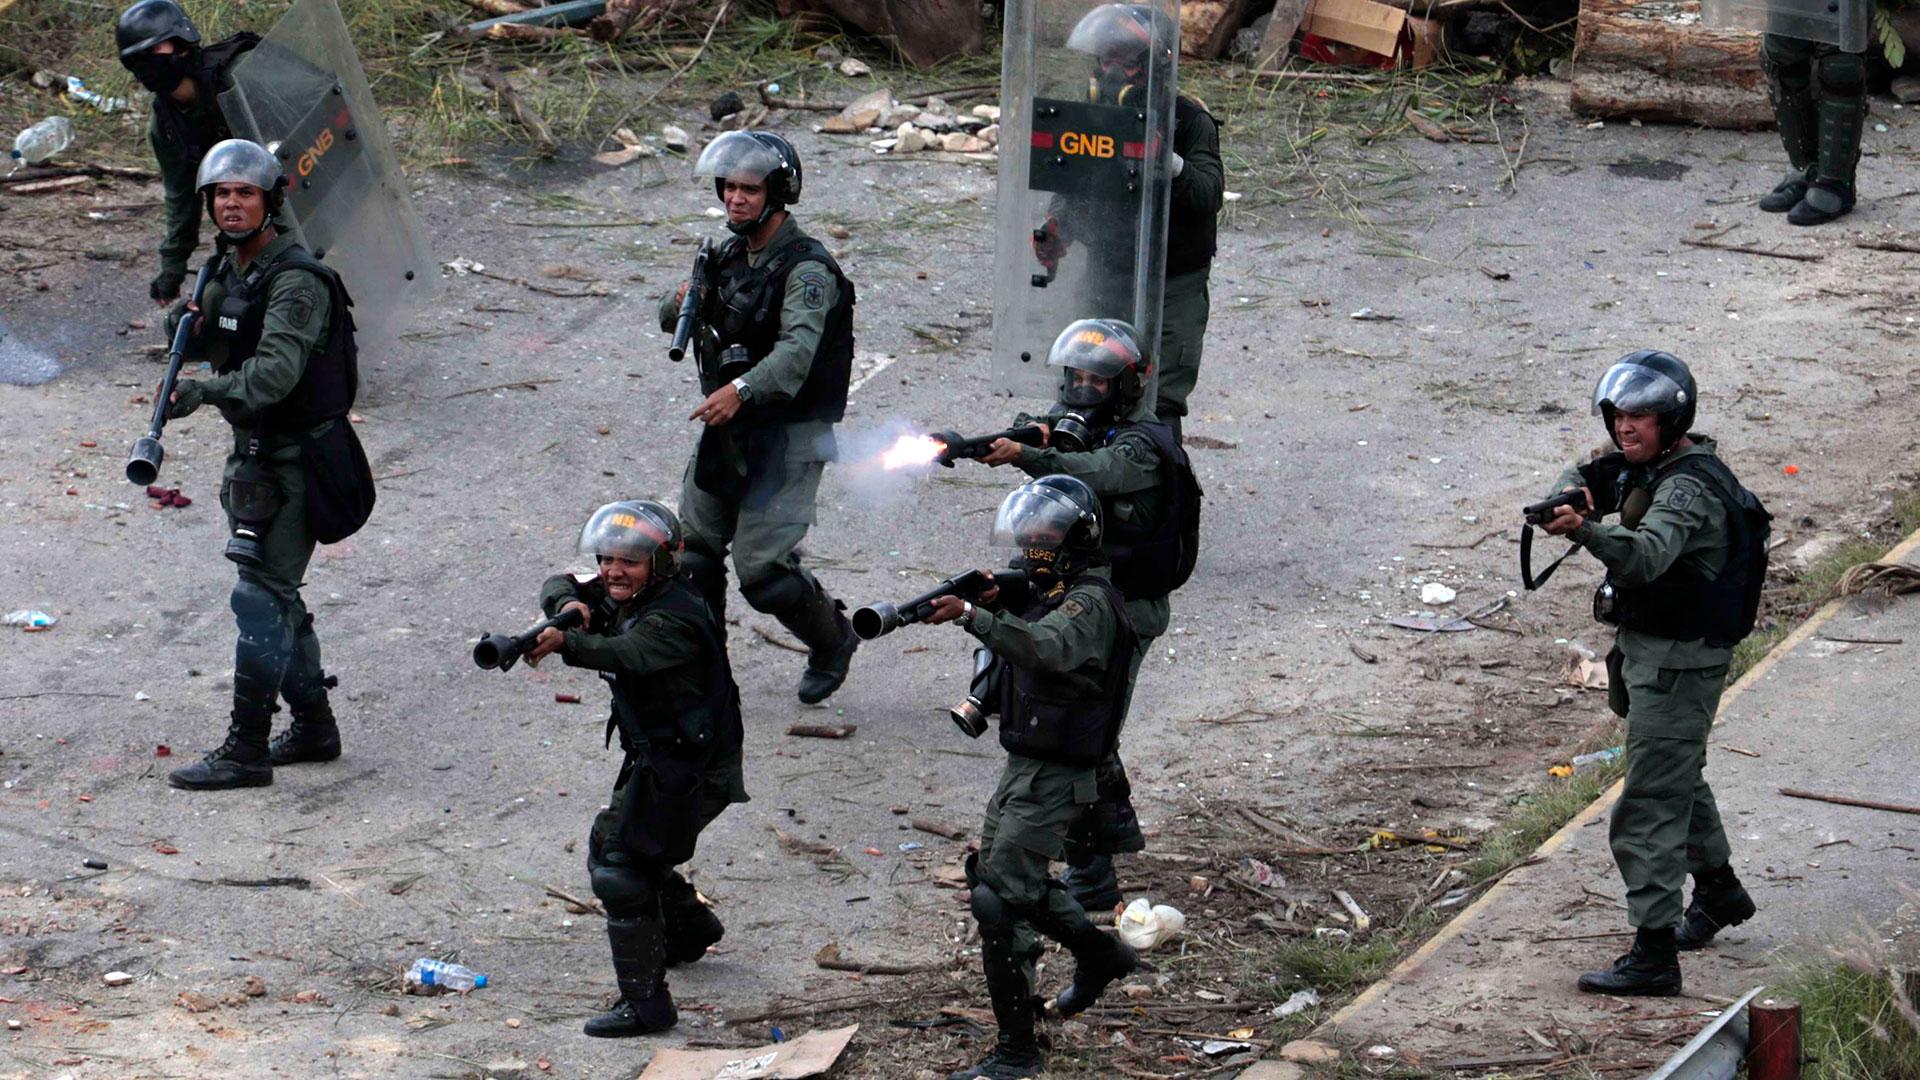 La represión del régimen de Maduro es cada vez mayor (Reuters)